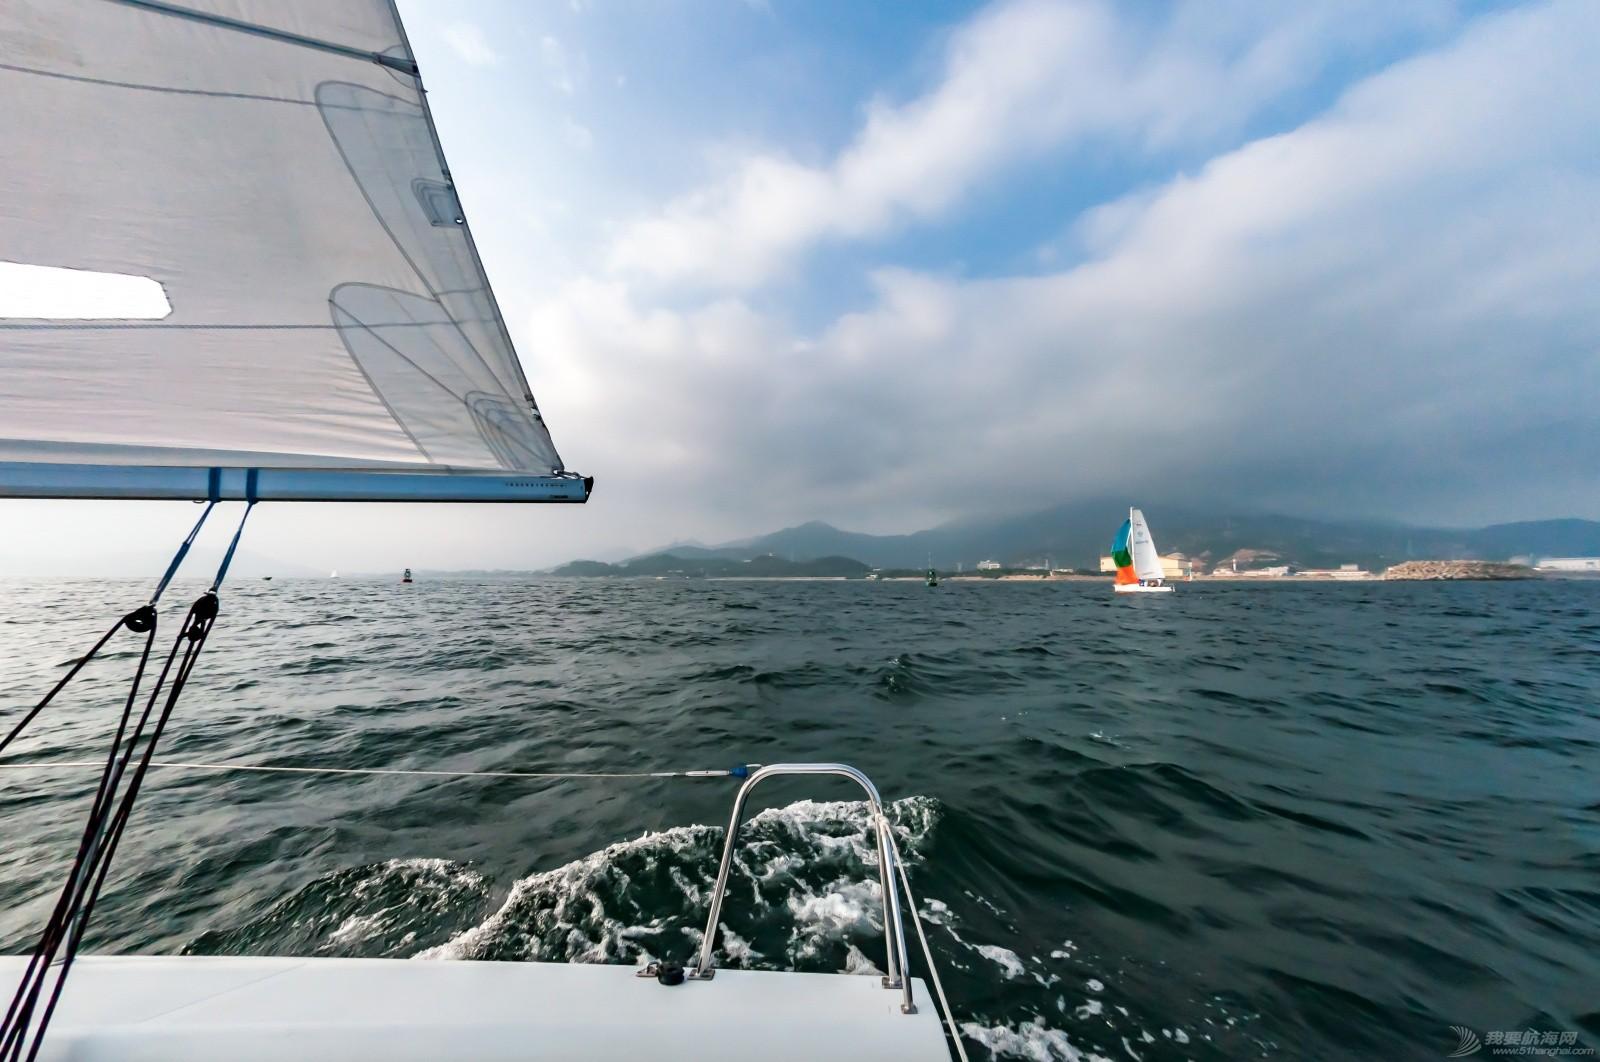 帆船 【2015大鹏杯帆船赛】鱼眼看航海 16040.jpg